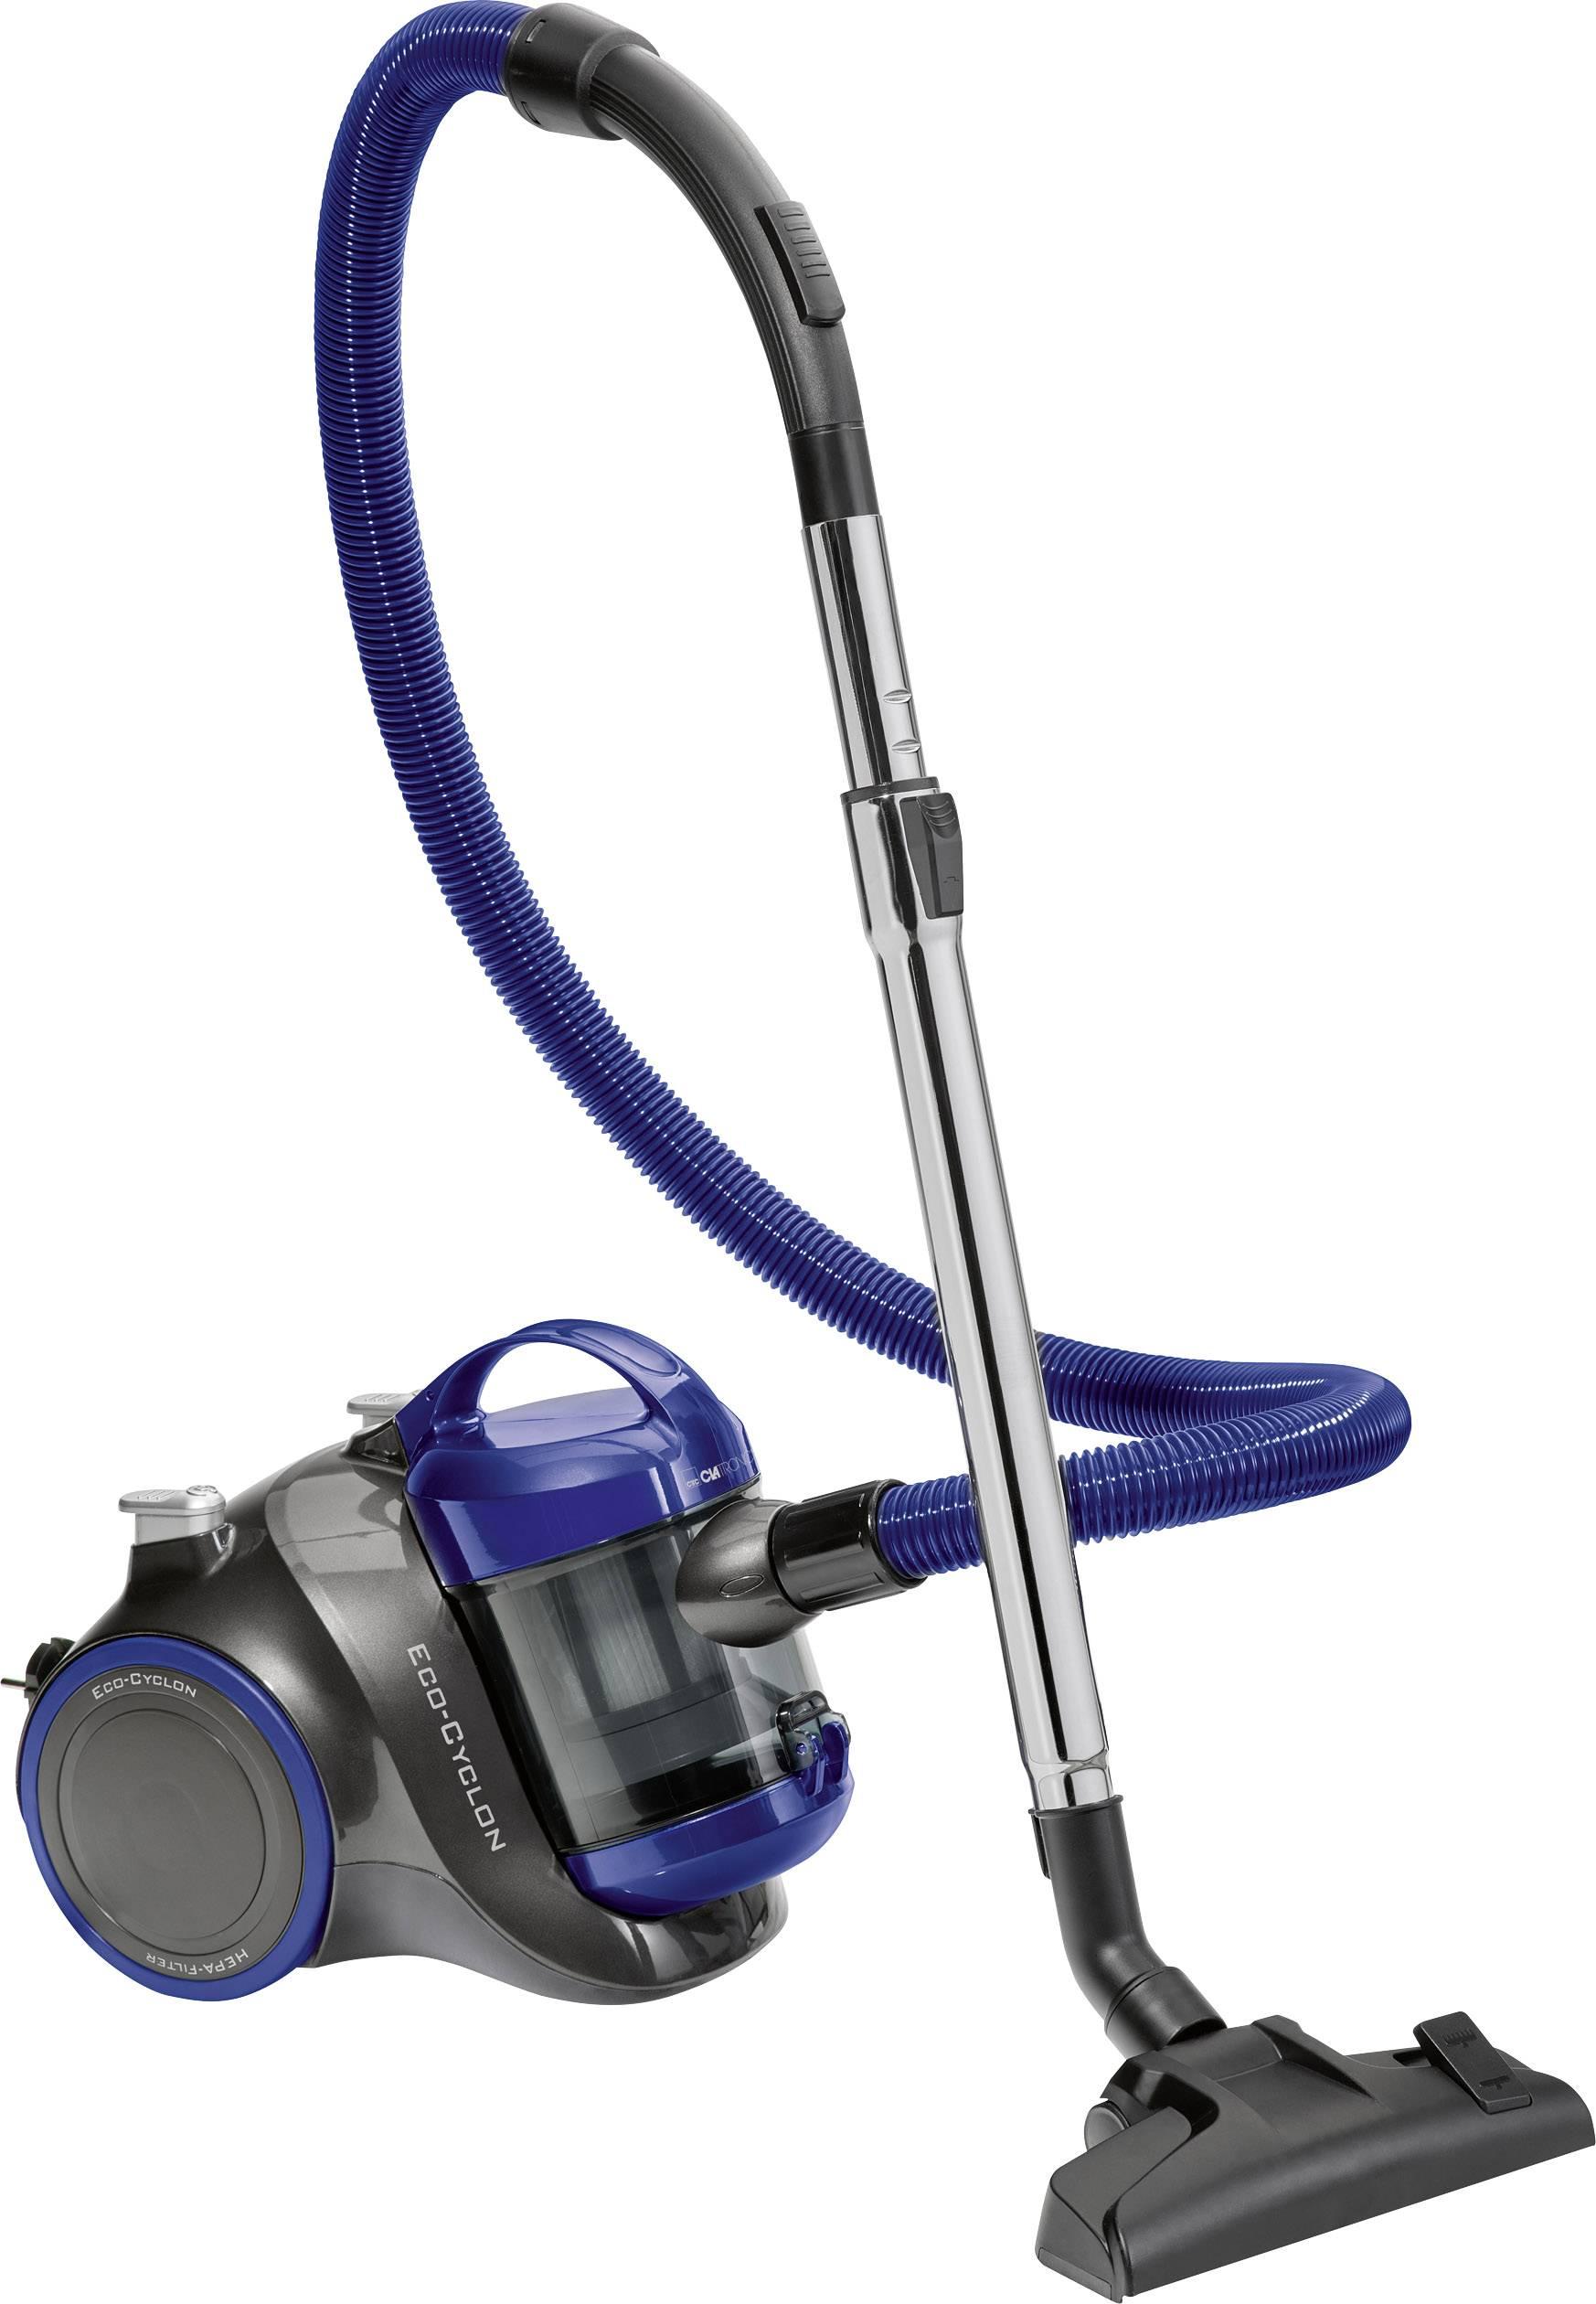 Bezvreckový vysávač Clatronic BS 1304, antracitová, modrá